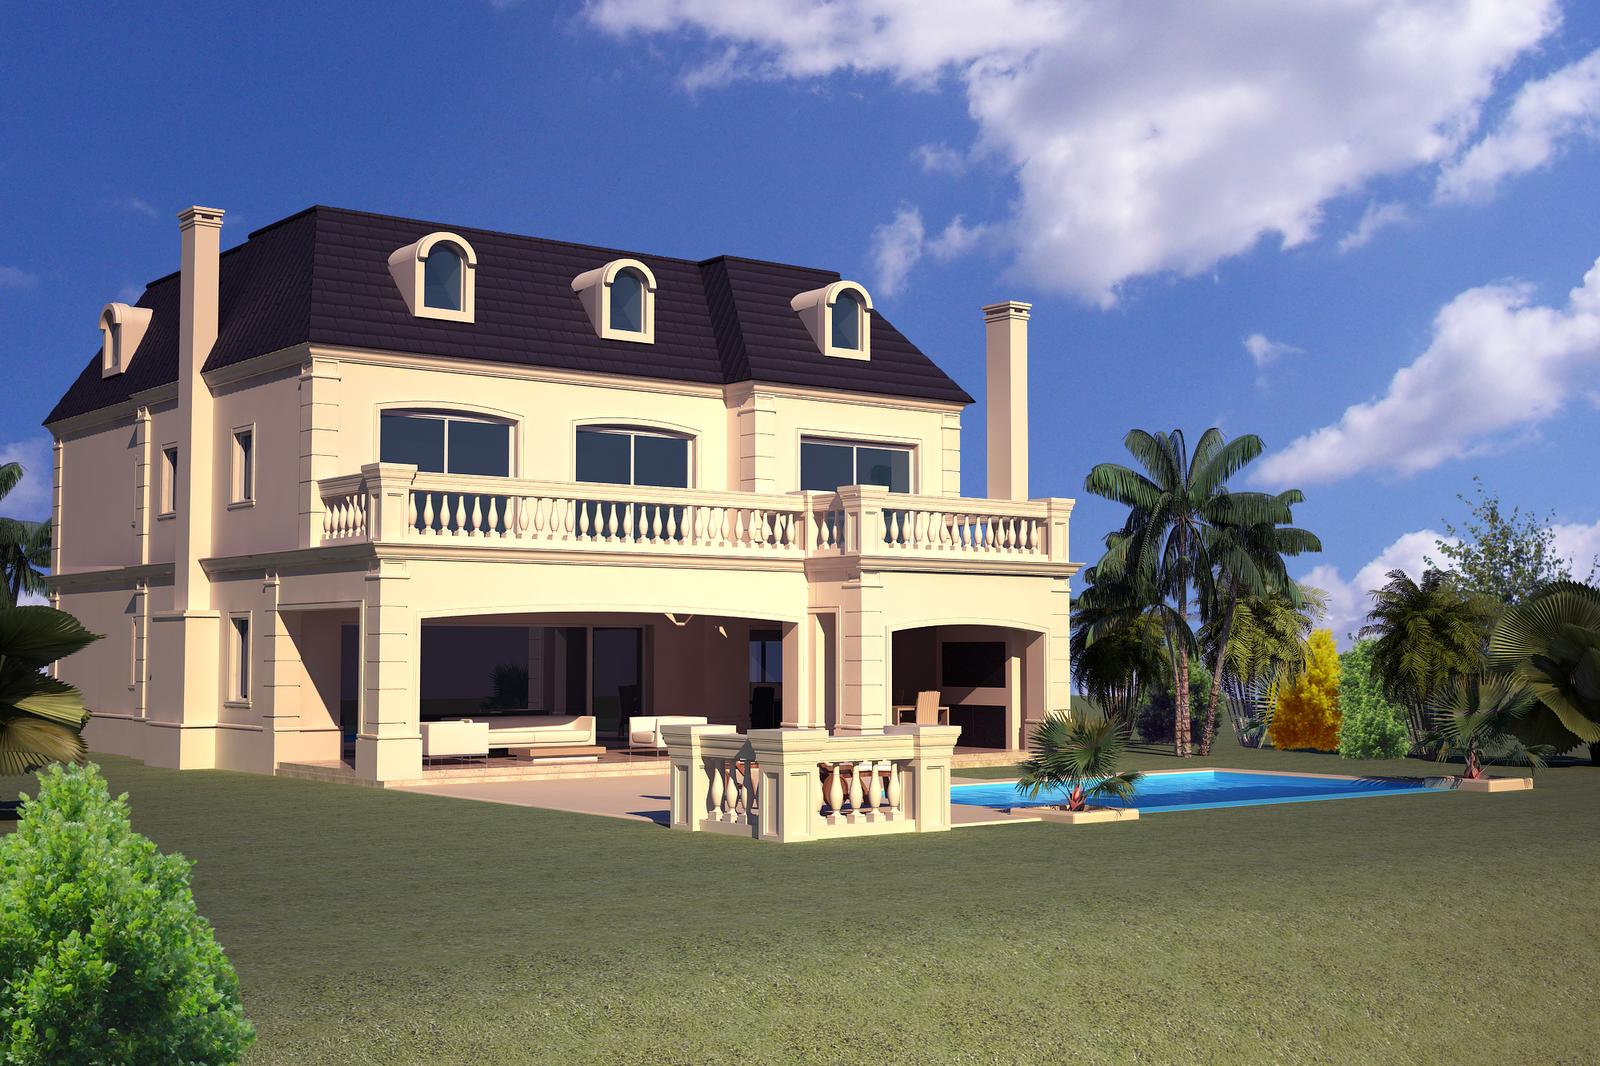 3d makers casas estilo frances nordelta proyectos que for Fachadas de casas estilo clasico